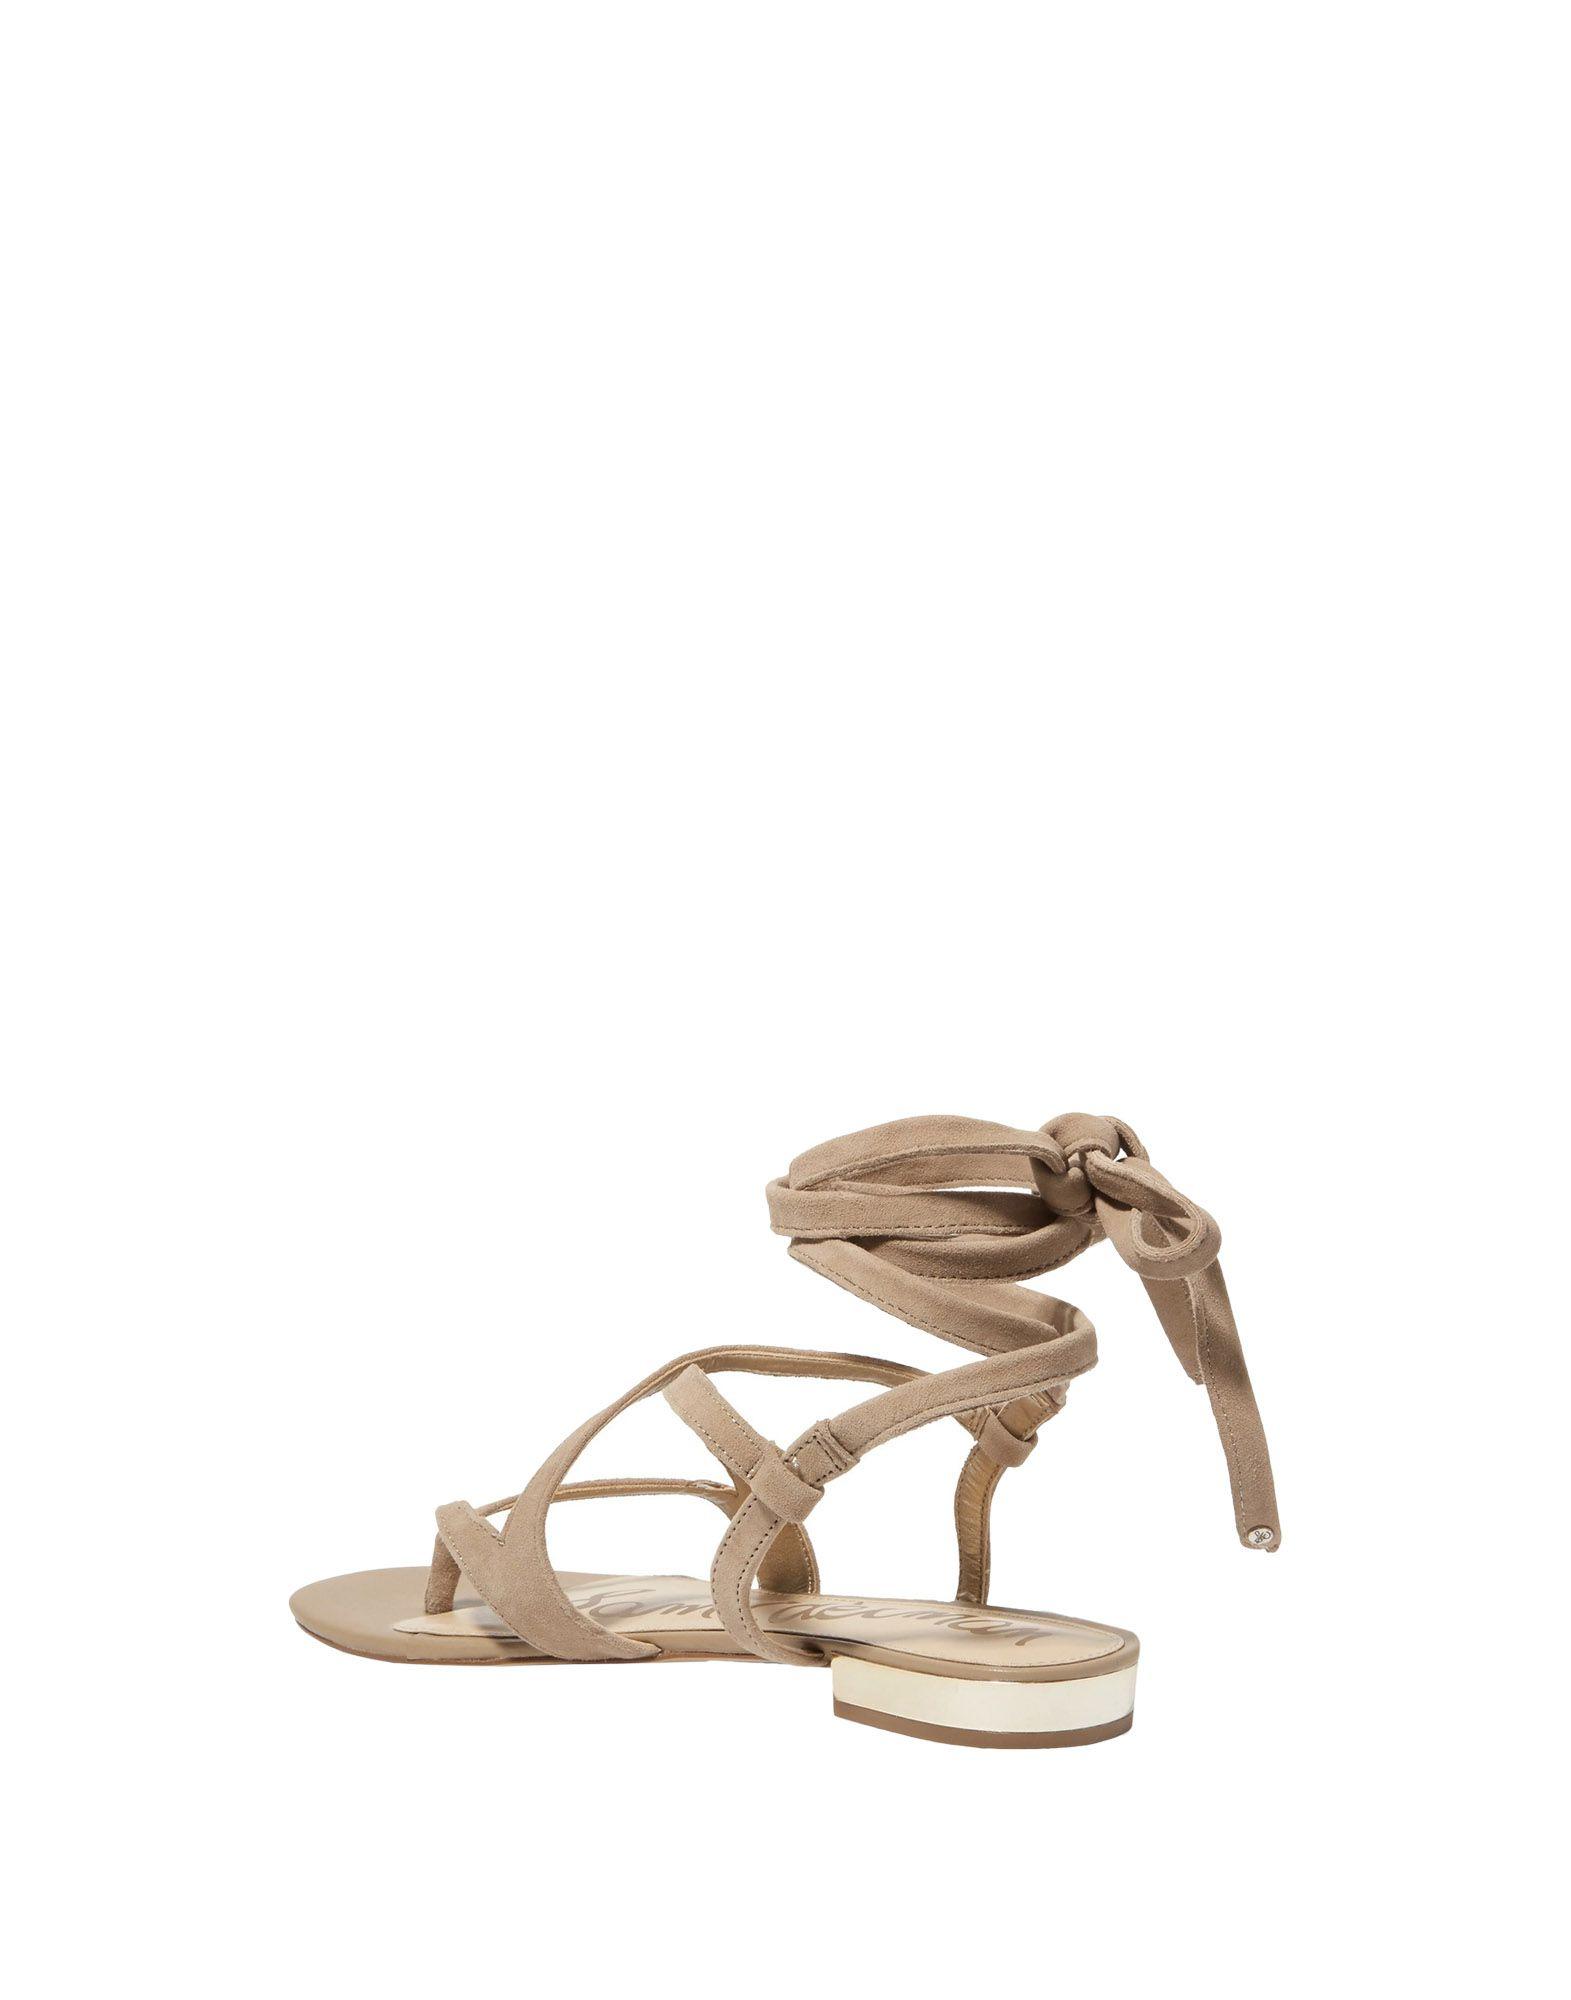 Sam Edelman Dianetten Qualität Damen  11513901XS Gute Qualität Dianetten beliebte Schuhe 6b8323